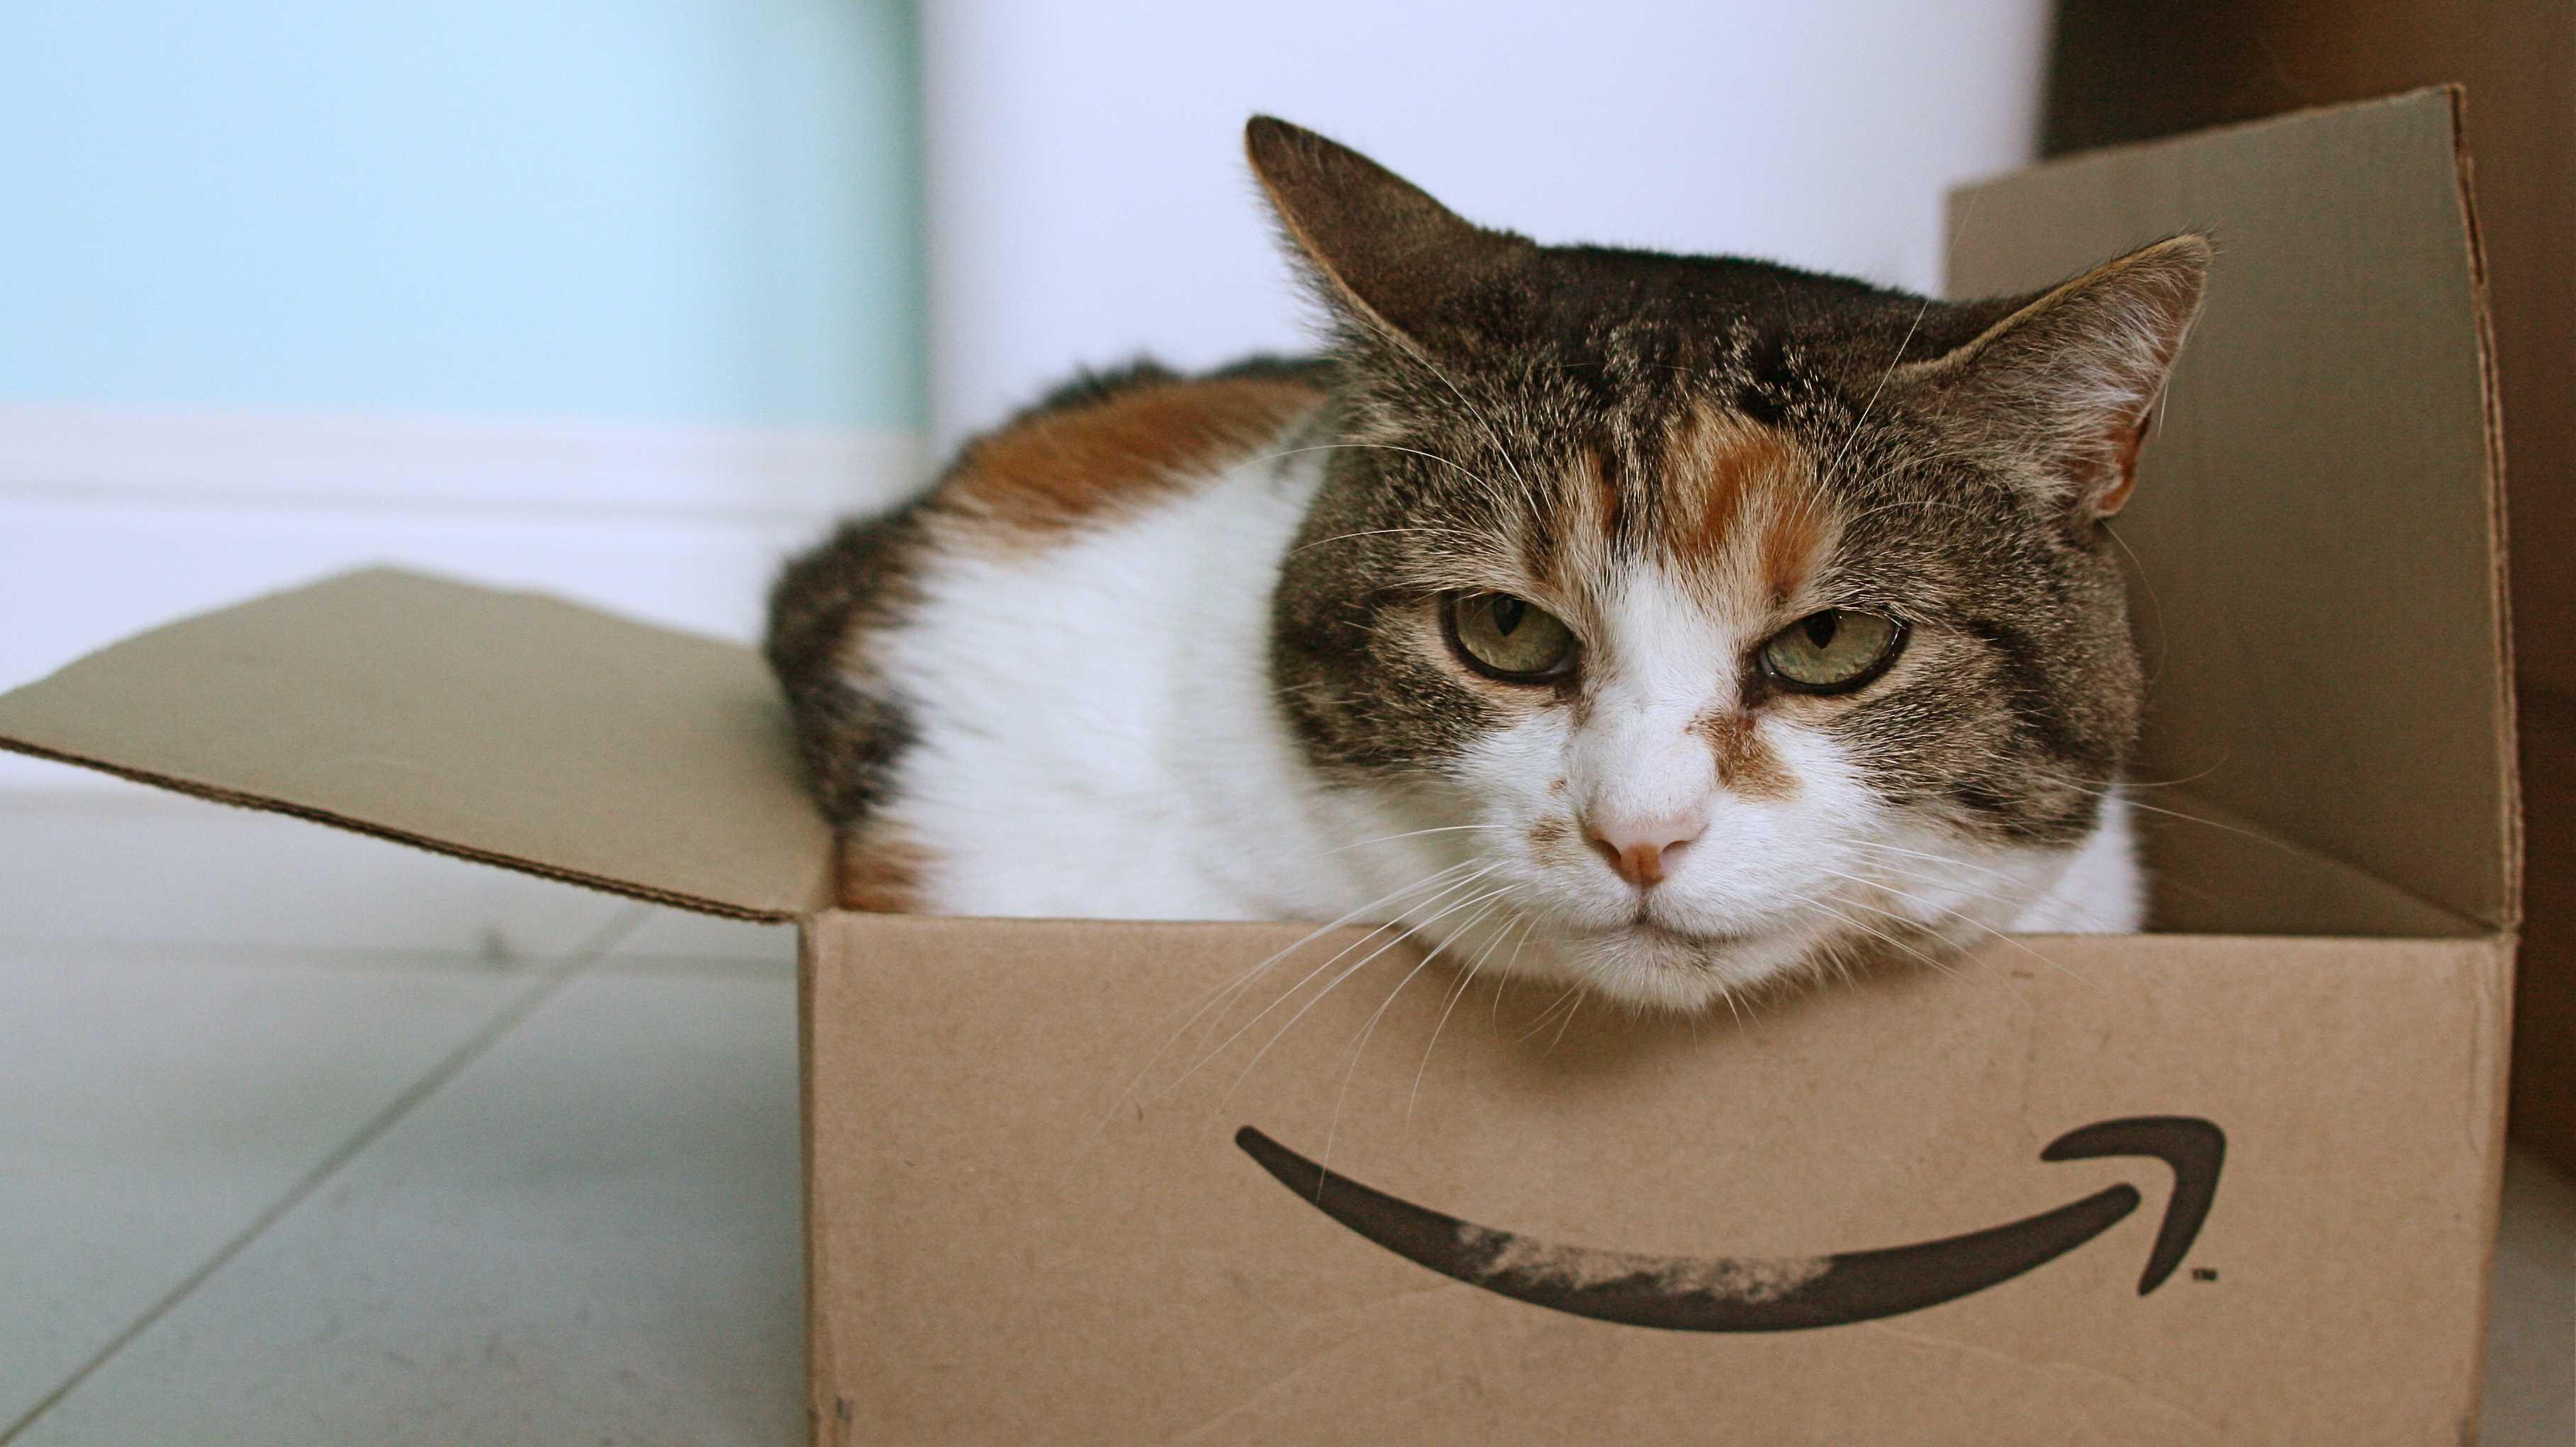 Katze lugt aus Amazon-Schachtel